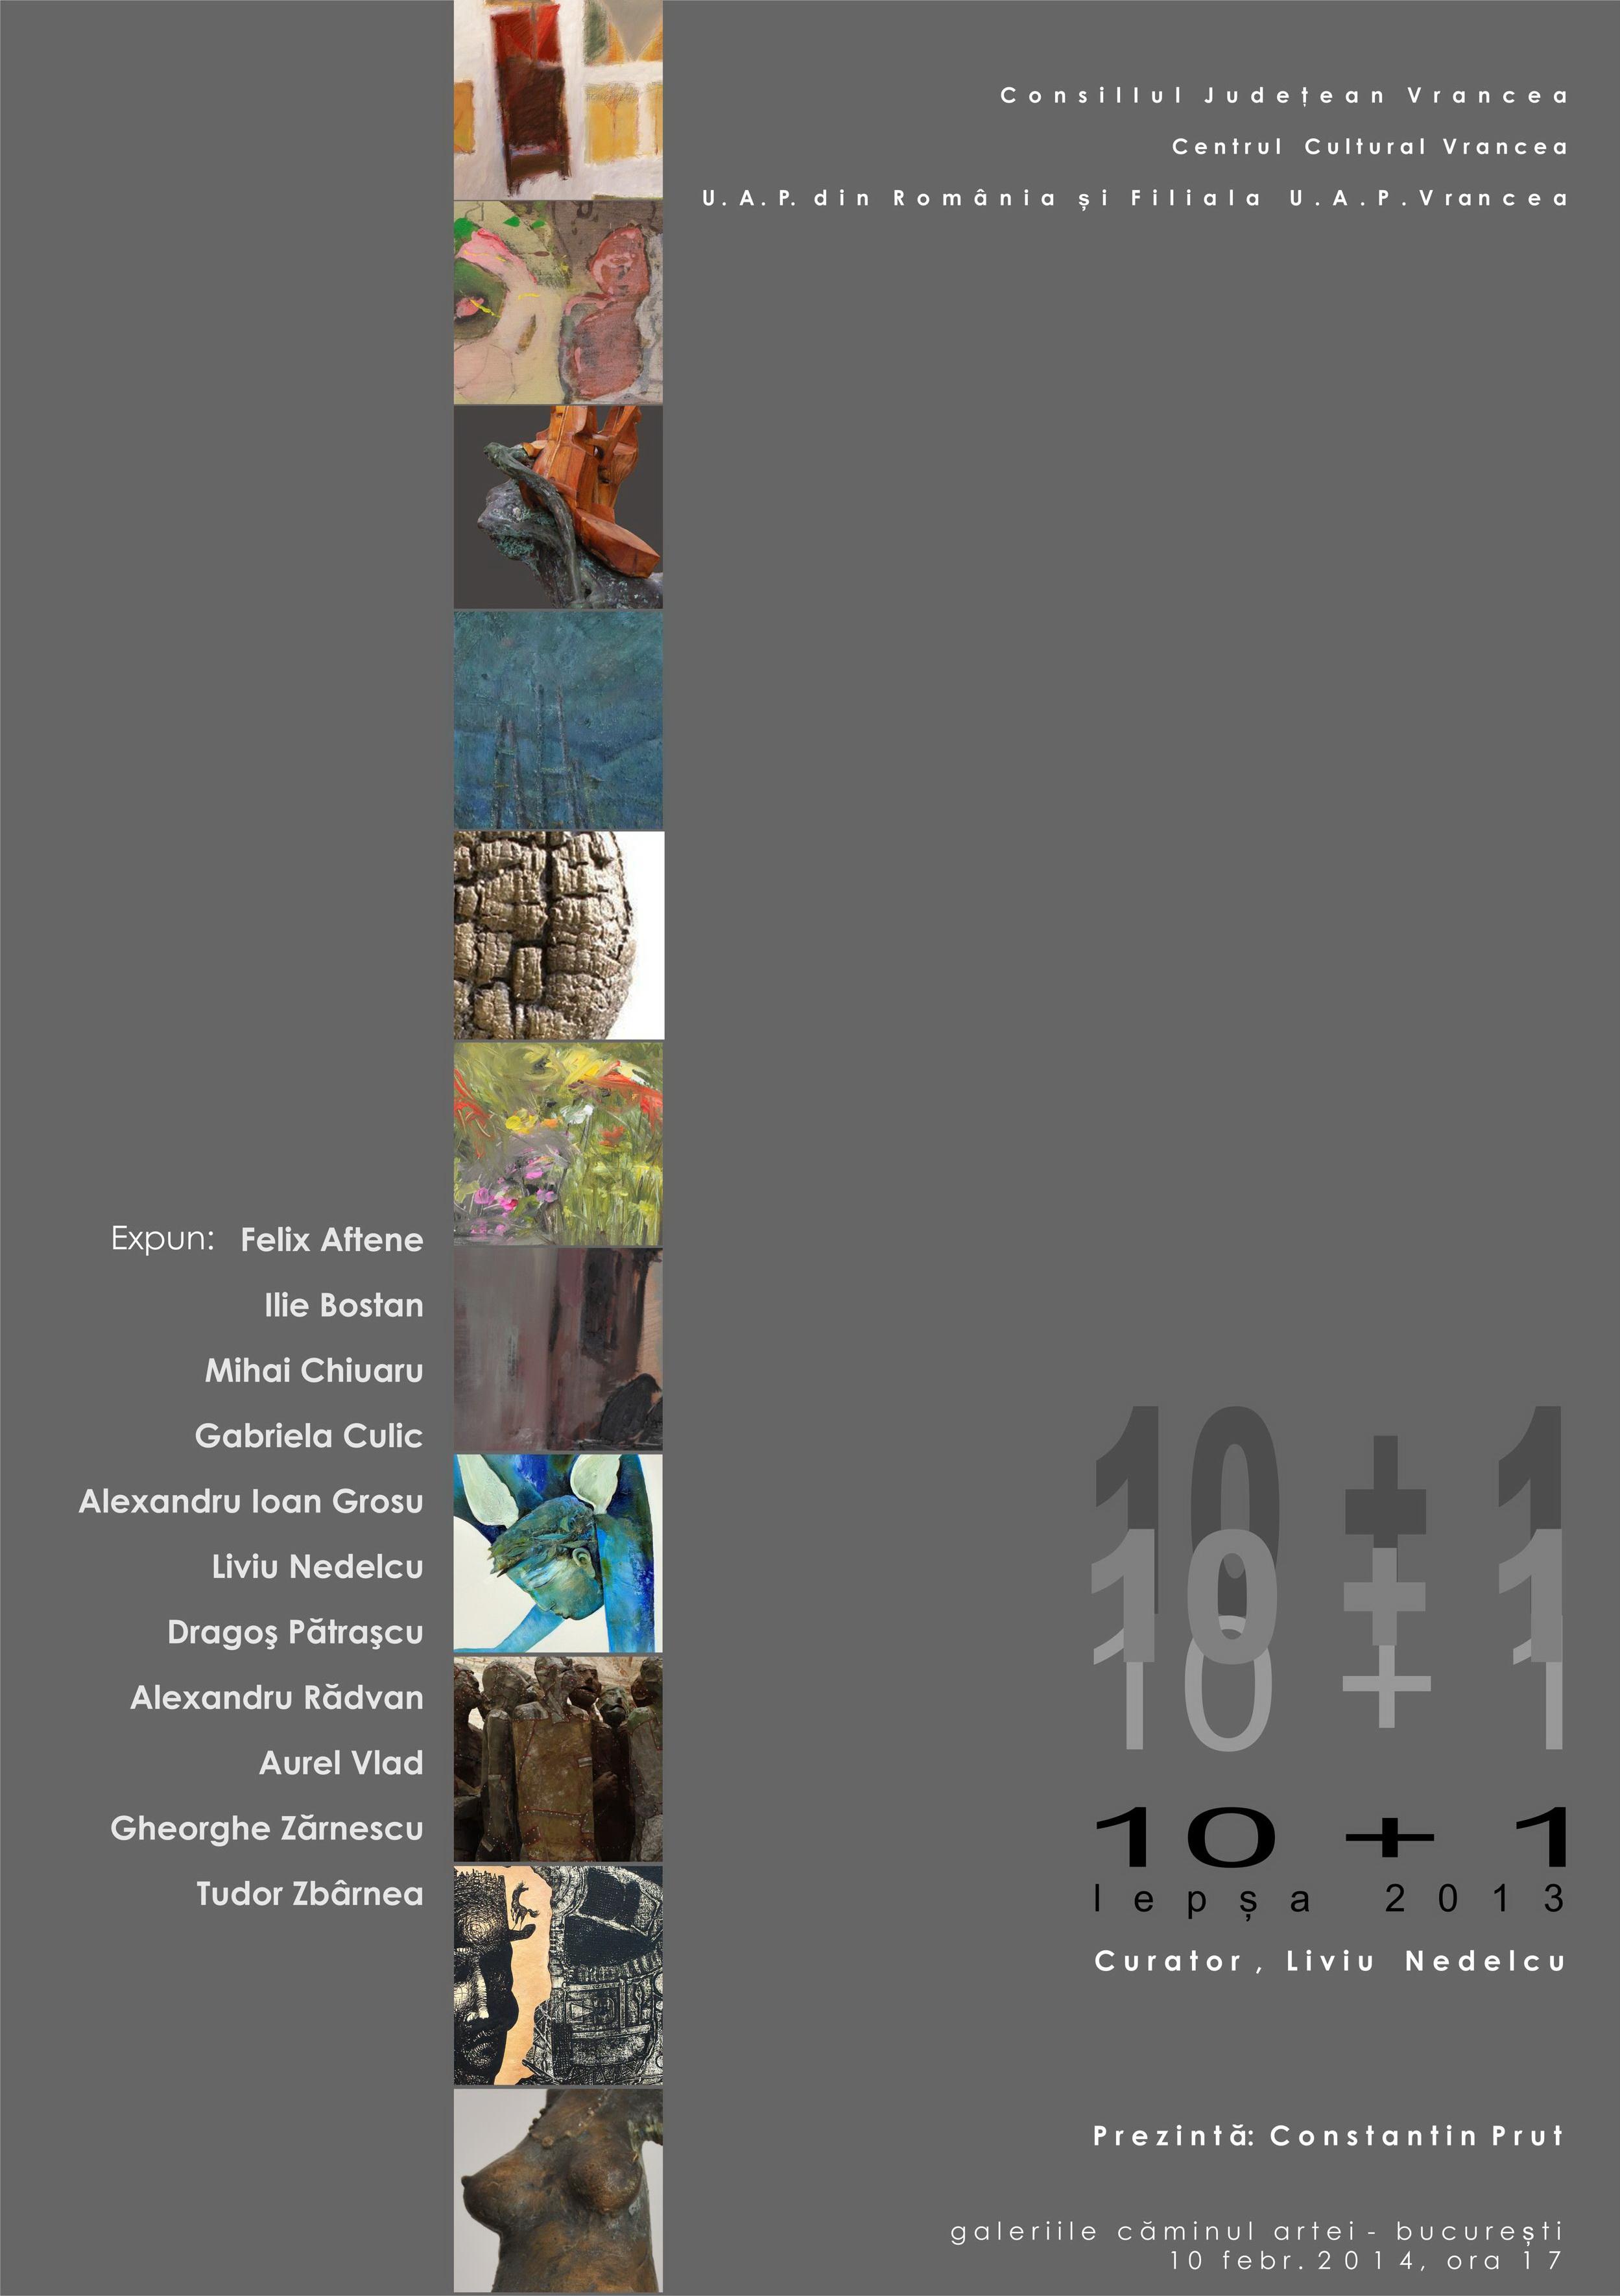 Zece plus unu – Tabăra Lepşa 2013 @ Galeriile Căminul Artei, București